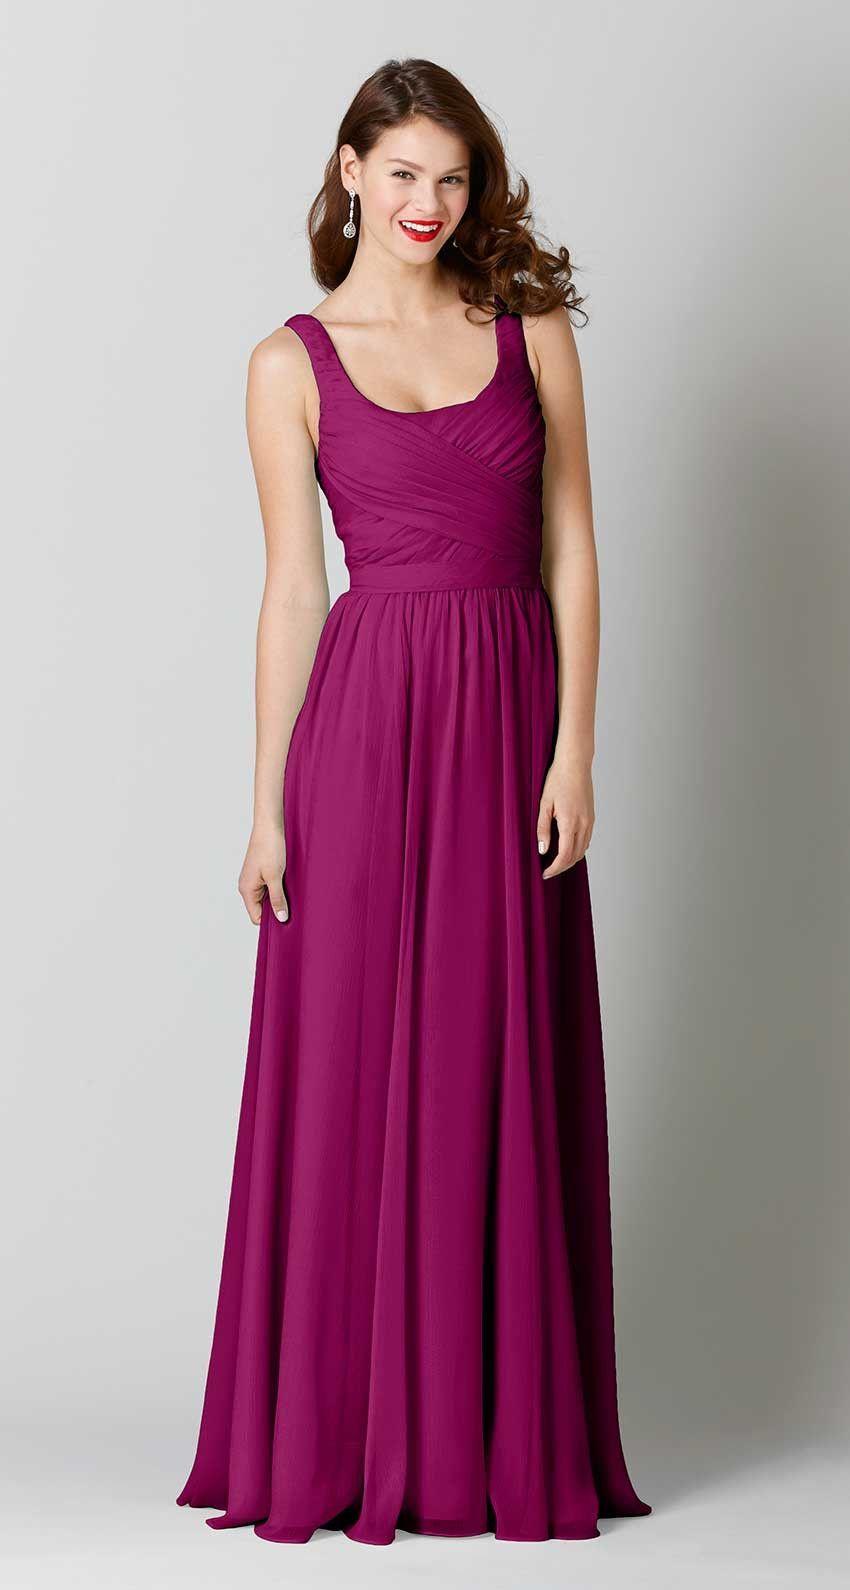 091a0097ee2 Kennedy Blue Bridesmaid Dress Sophia